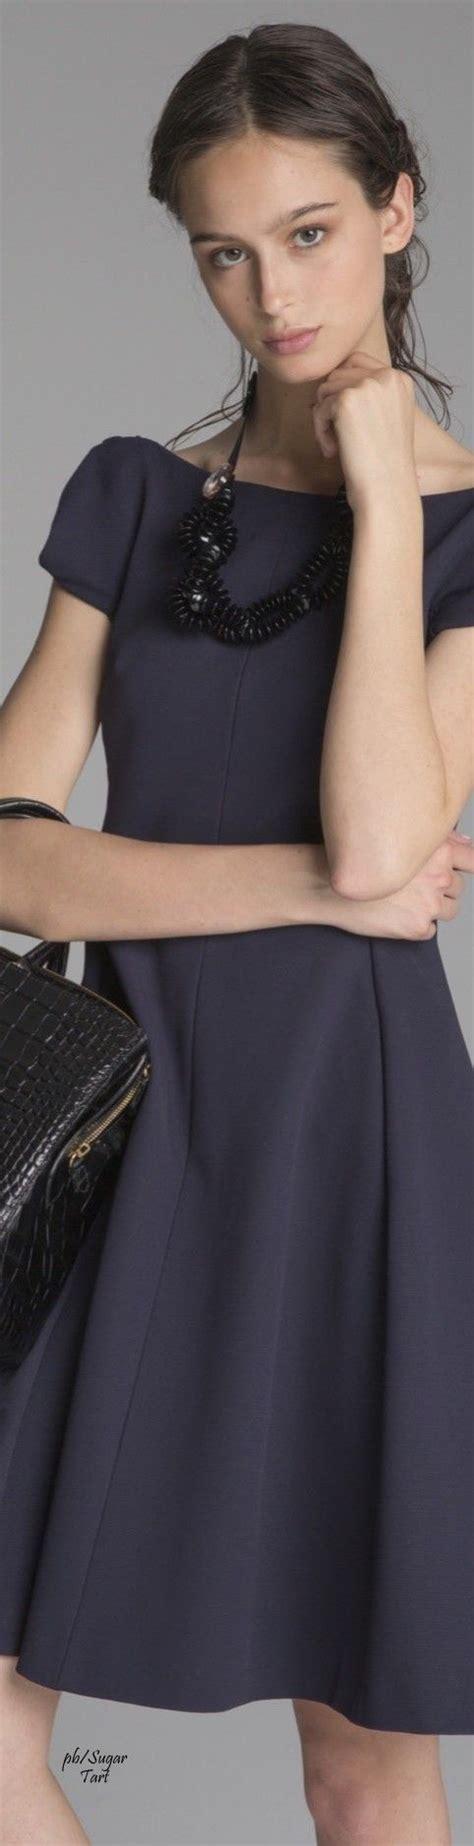 abbigliamento femminile per ufficio oltre 1000 idee su abiti da ufficio su